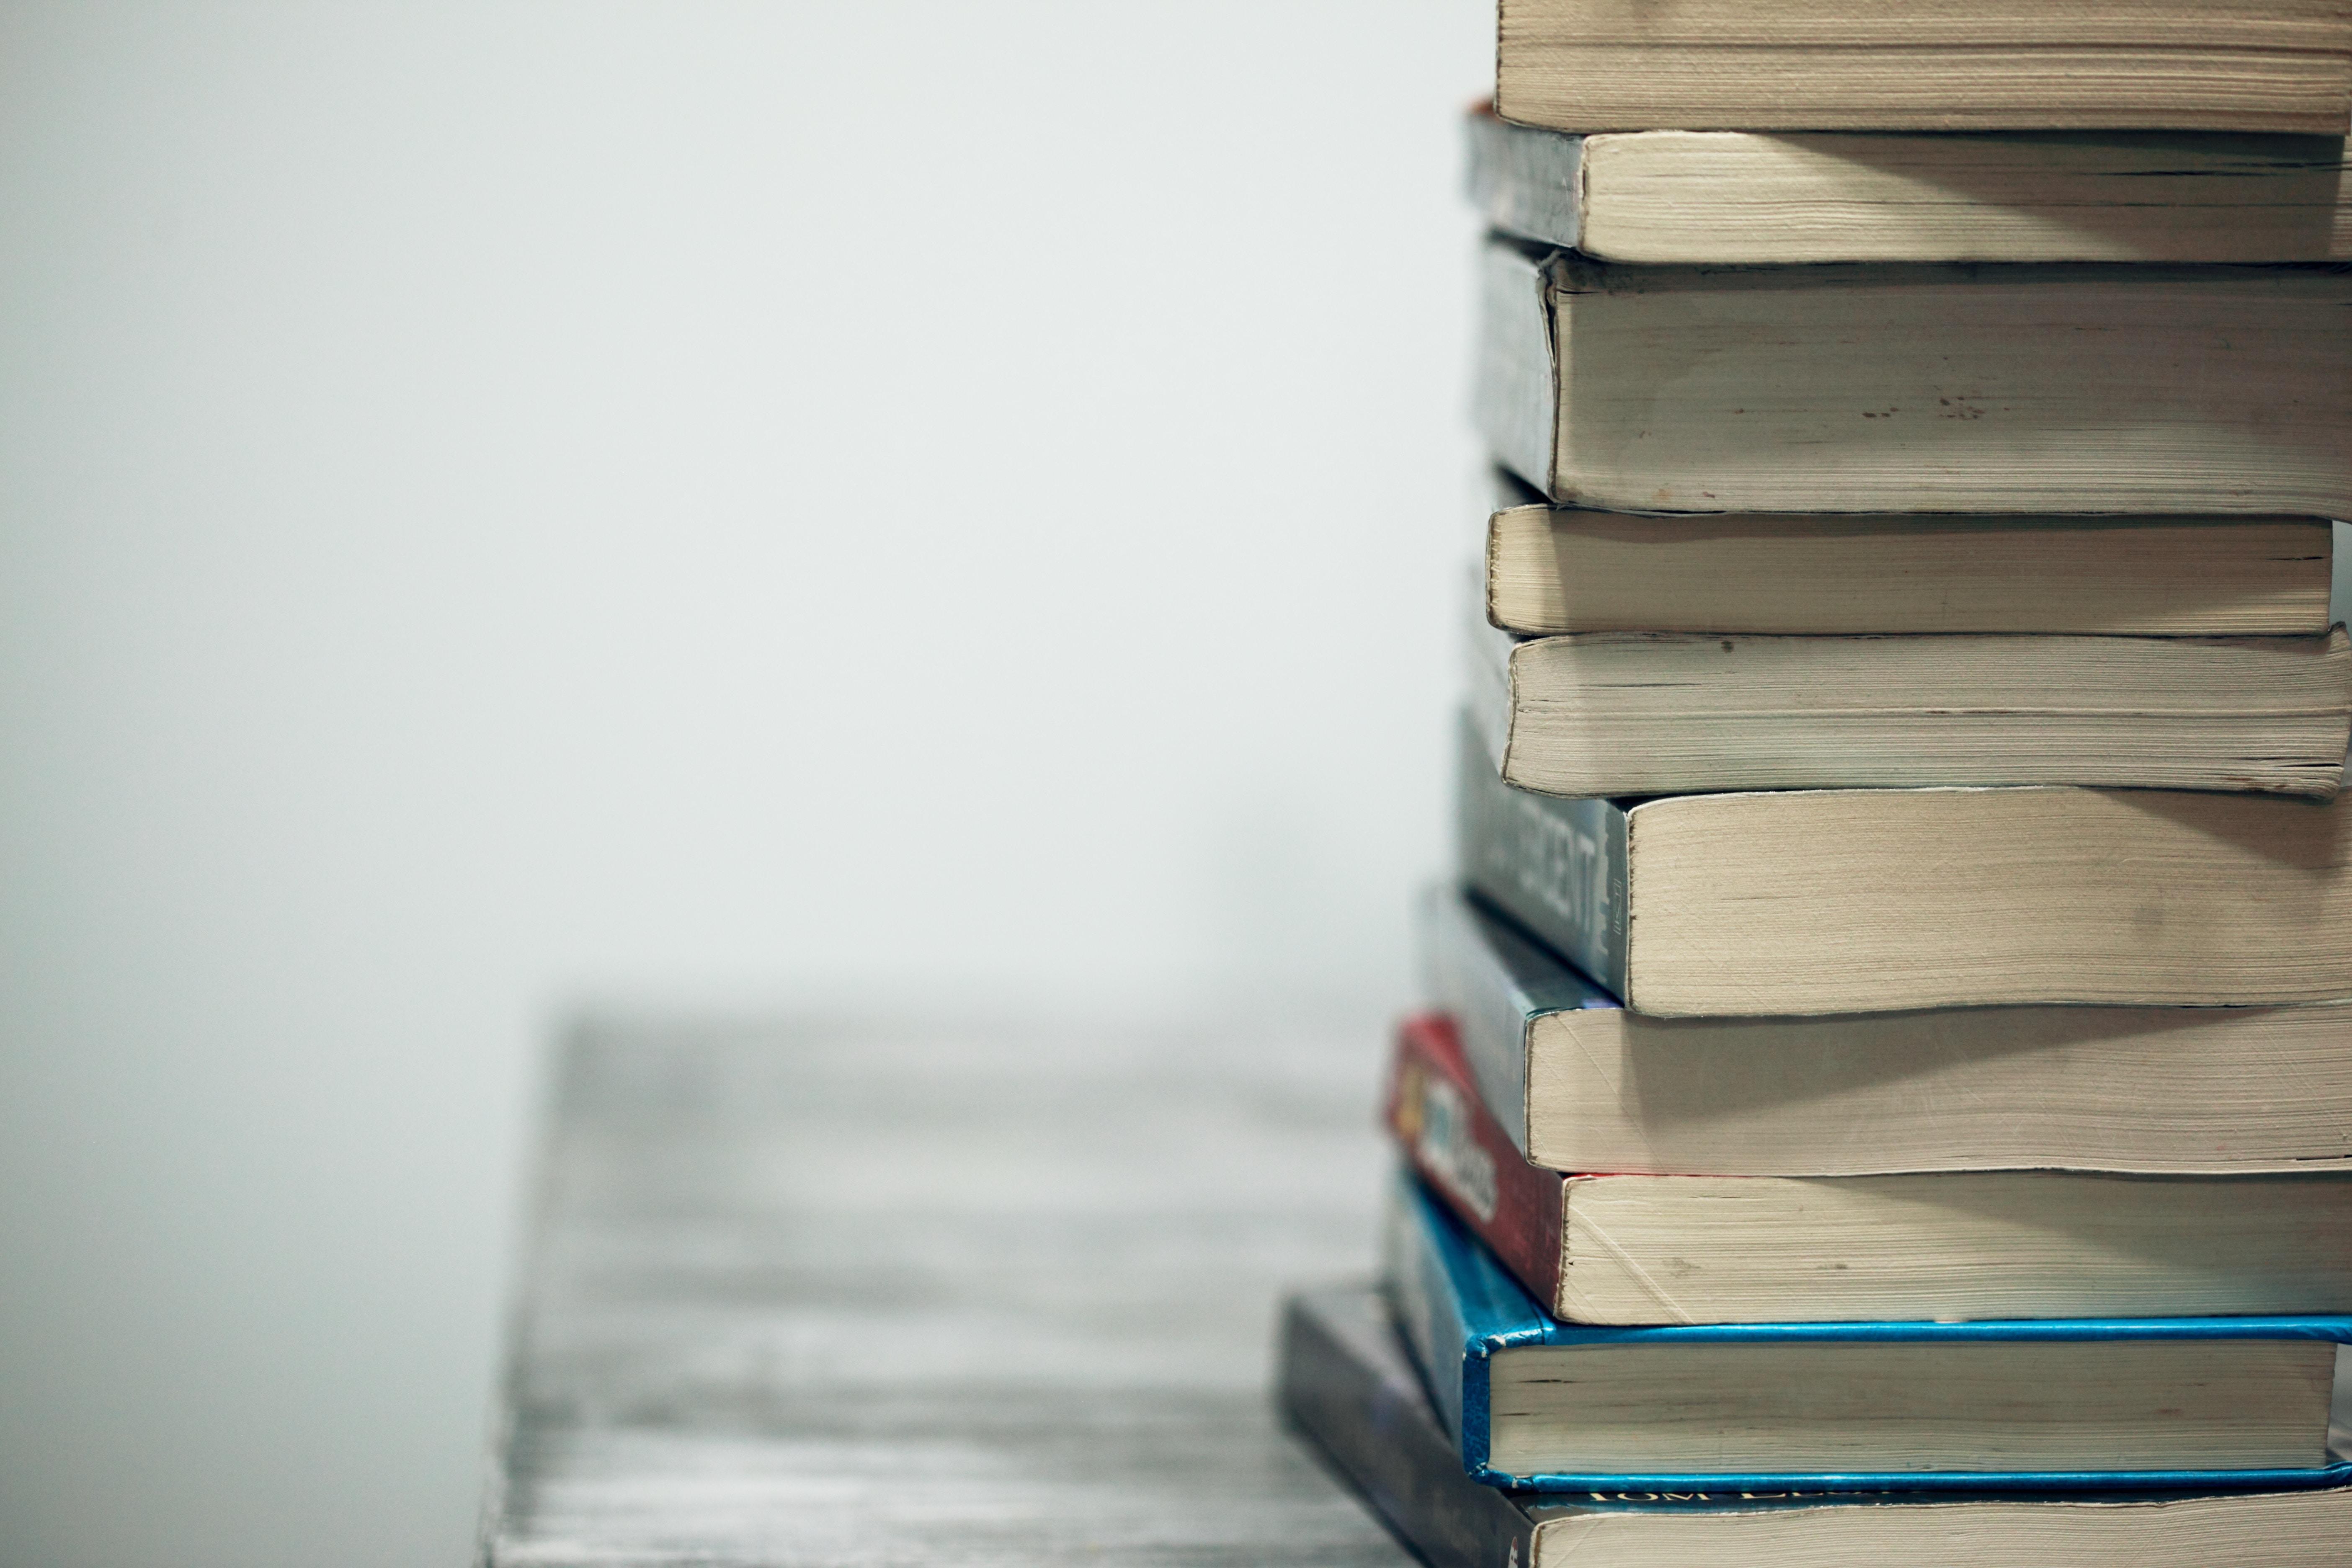 چگونه ۱۰ برابر بیشتر کتاب بخوانیم؟